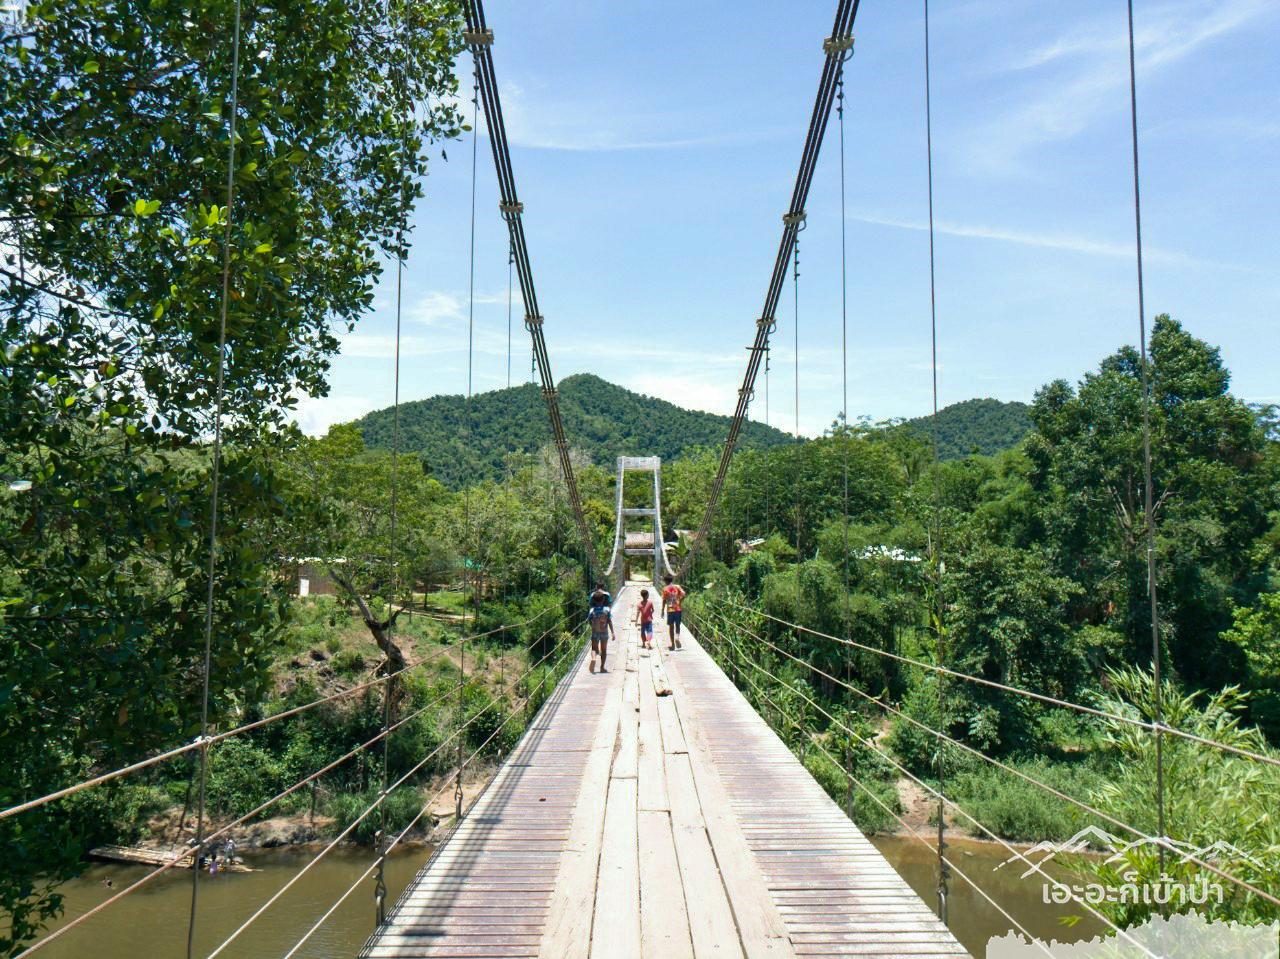 เด็ก ๆ ใช้สะพานเข้าหมู่บ้าน ไหว้นักท่องเที่ยวทุคน โป่งลึก อช แก่งกระจาน เพชรบุรี